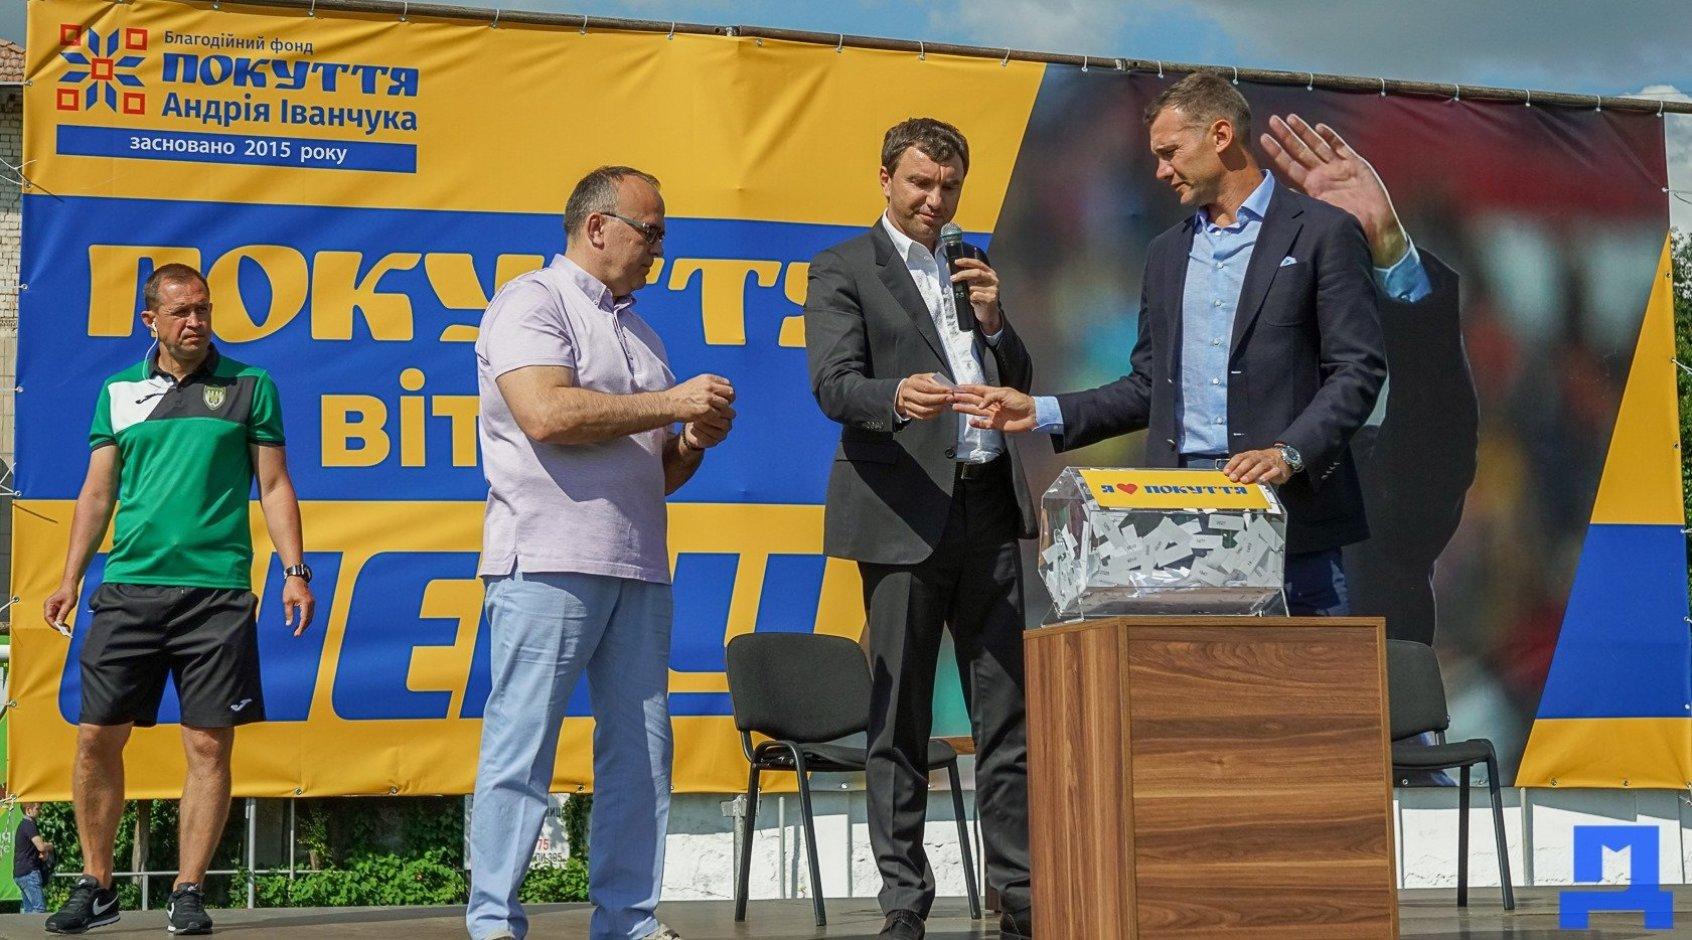 Андрій Шевченко відвідав Прикарпаття (Фото)